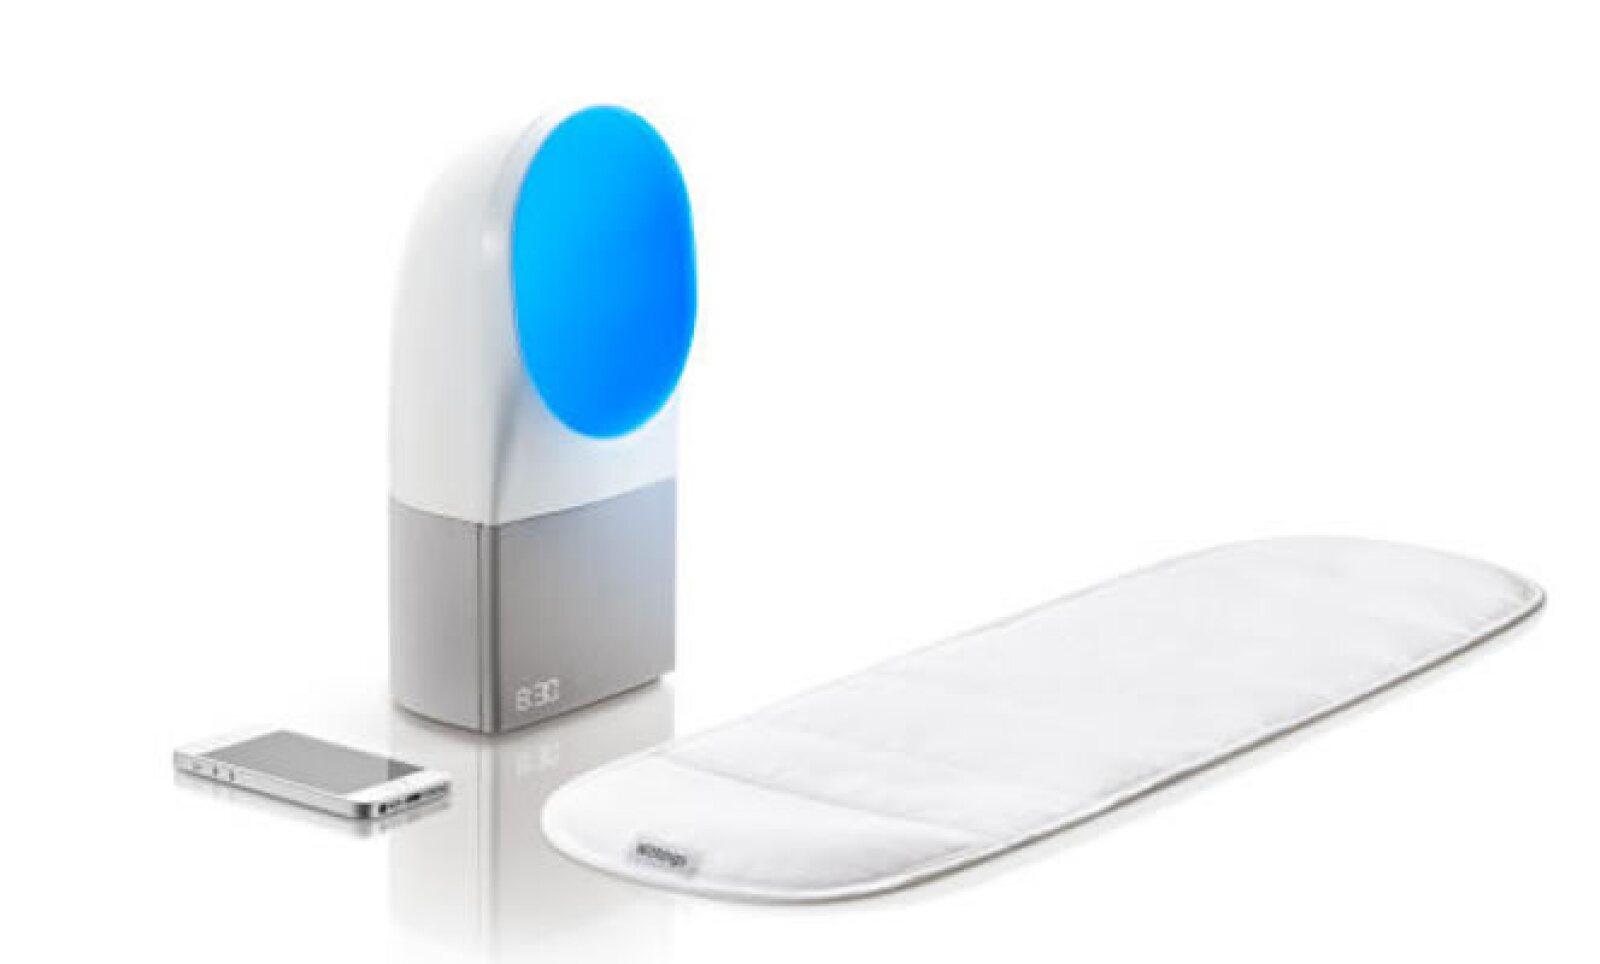 Esta lámpara emite luces de diferentes tonalidades gracias a un cojín que se instala en la cama, el cual mide la frecuencia cardíaca o presión arterial.